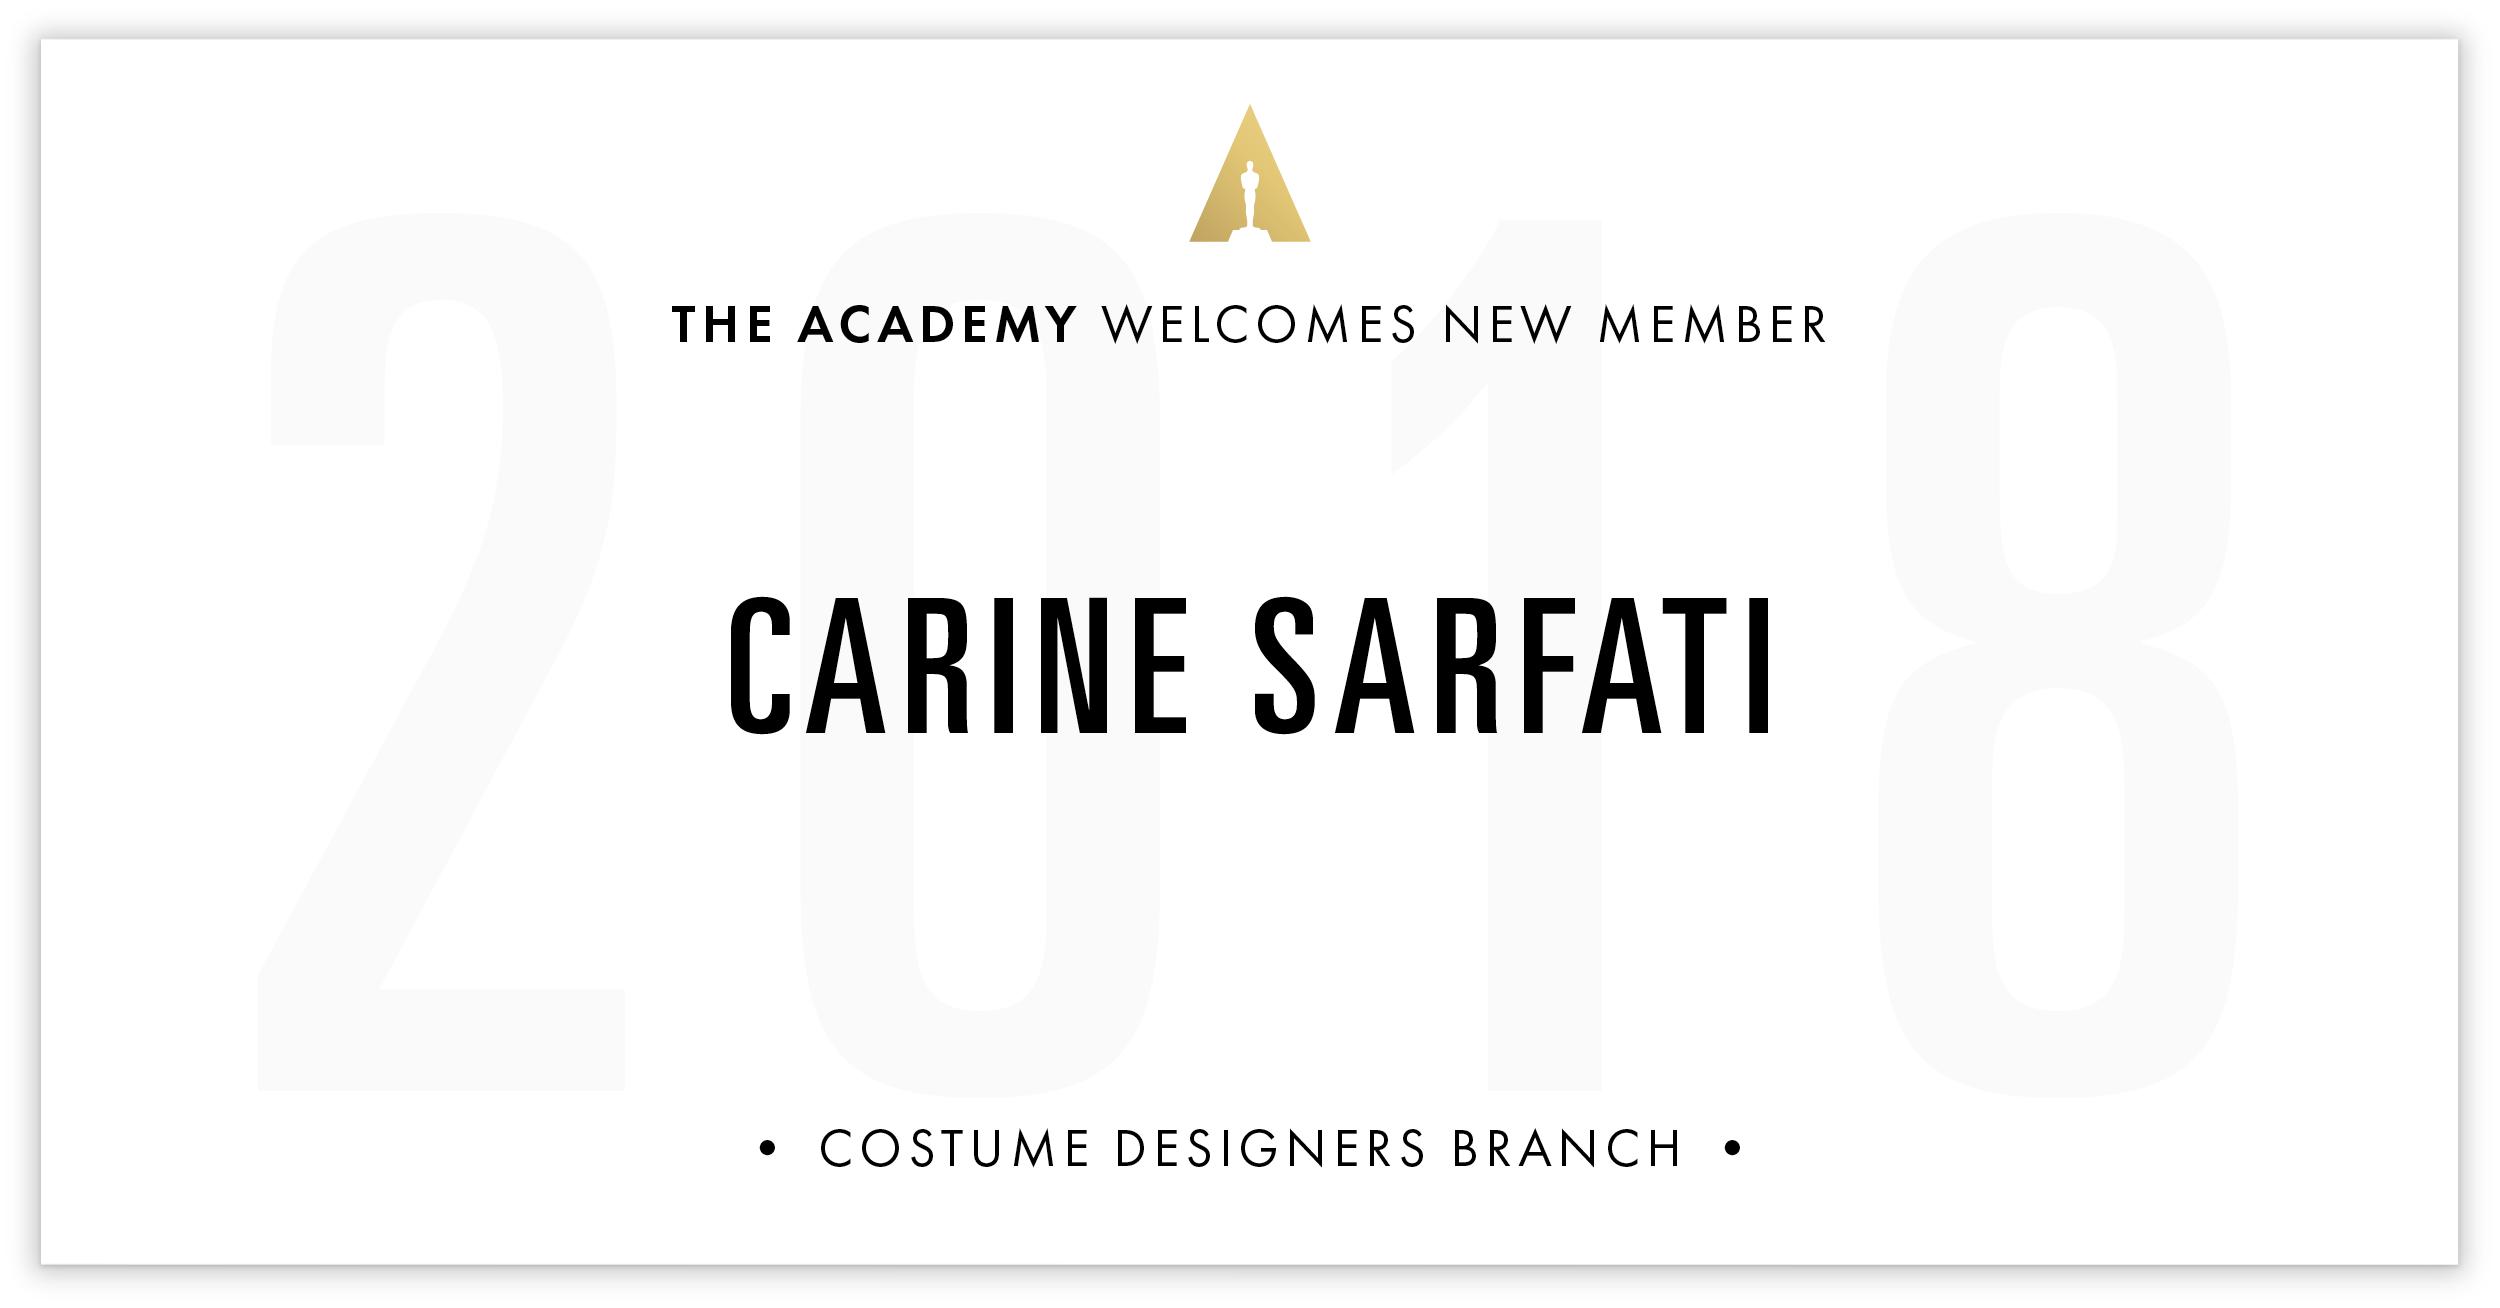 Carine Sarfati is invited!